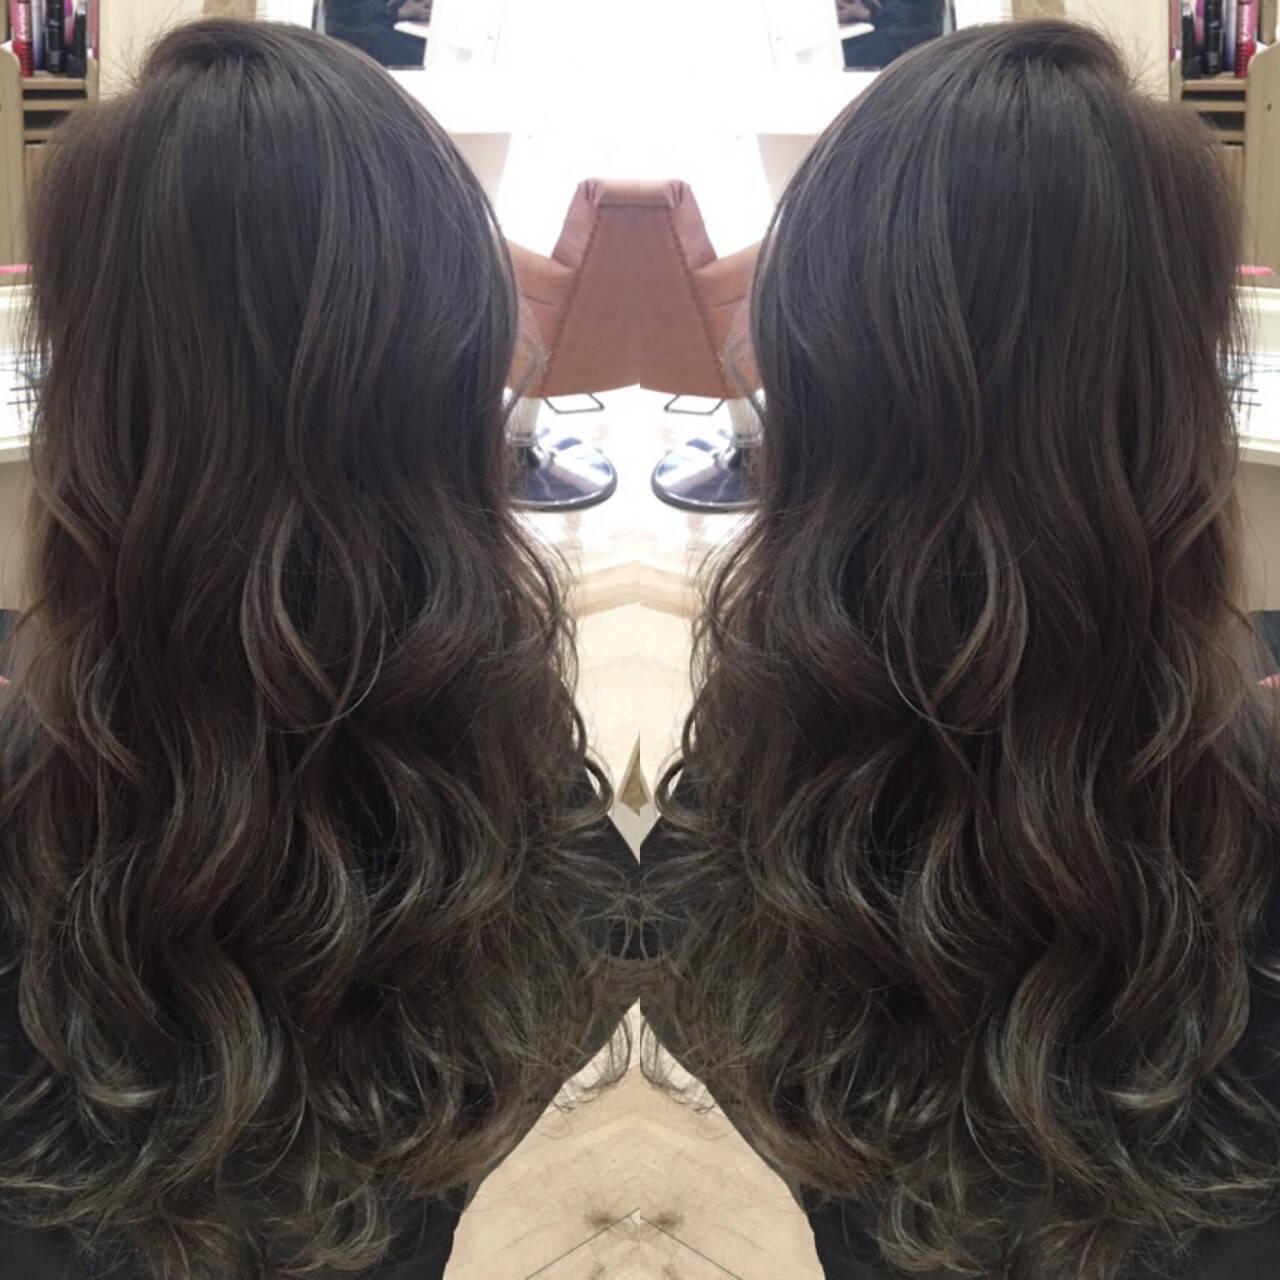 グラデーションカラー 暗髪 ロング ナチュラルヘアスタイルや髪型の写真・画像